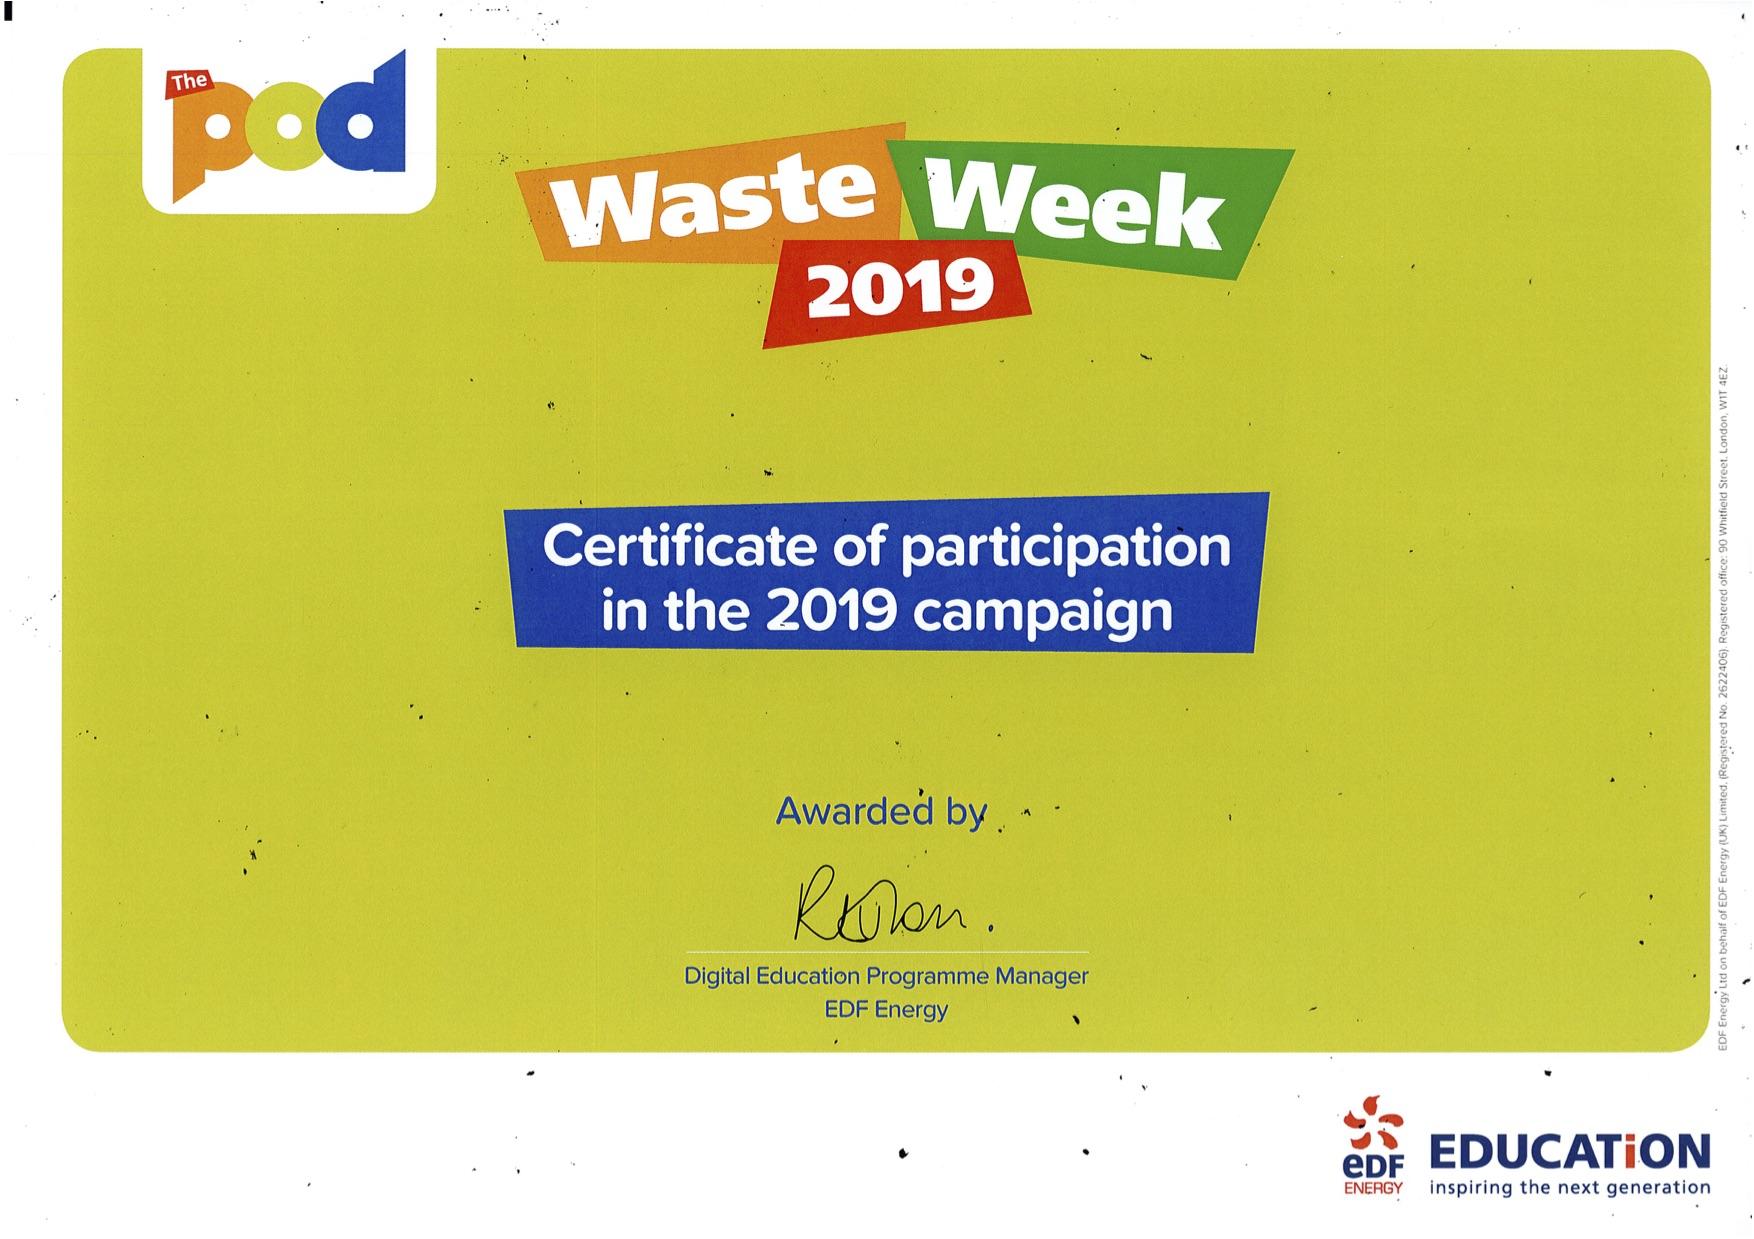 waste week 2019.jpg